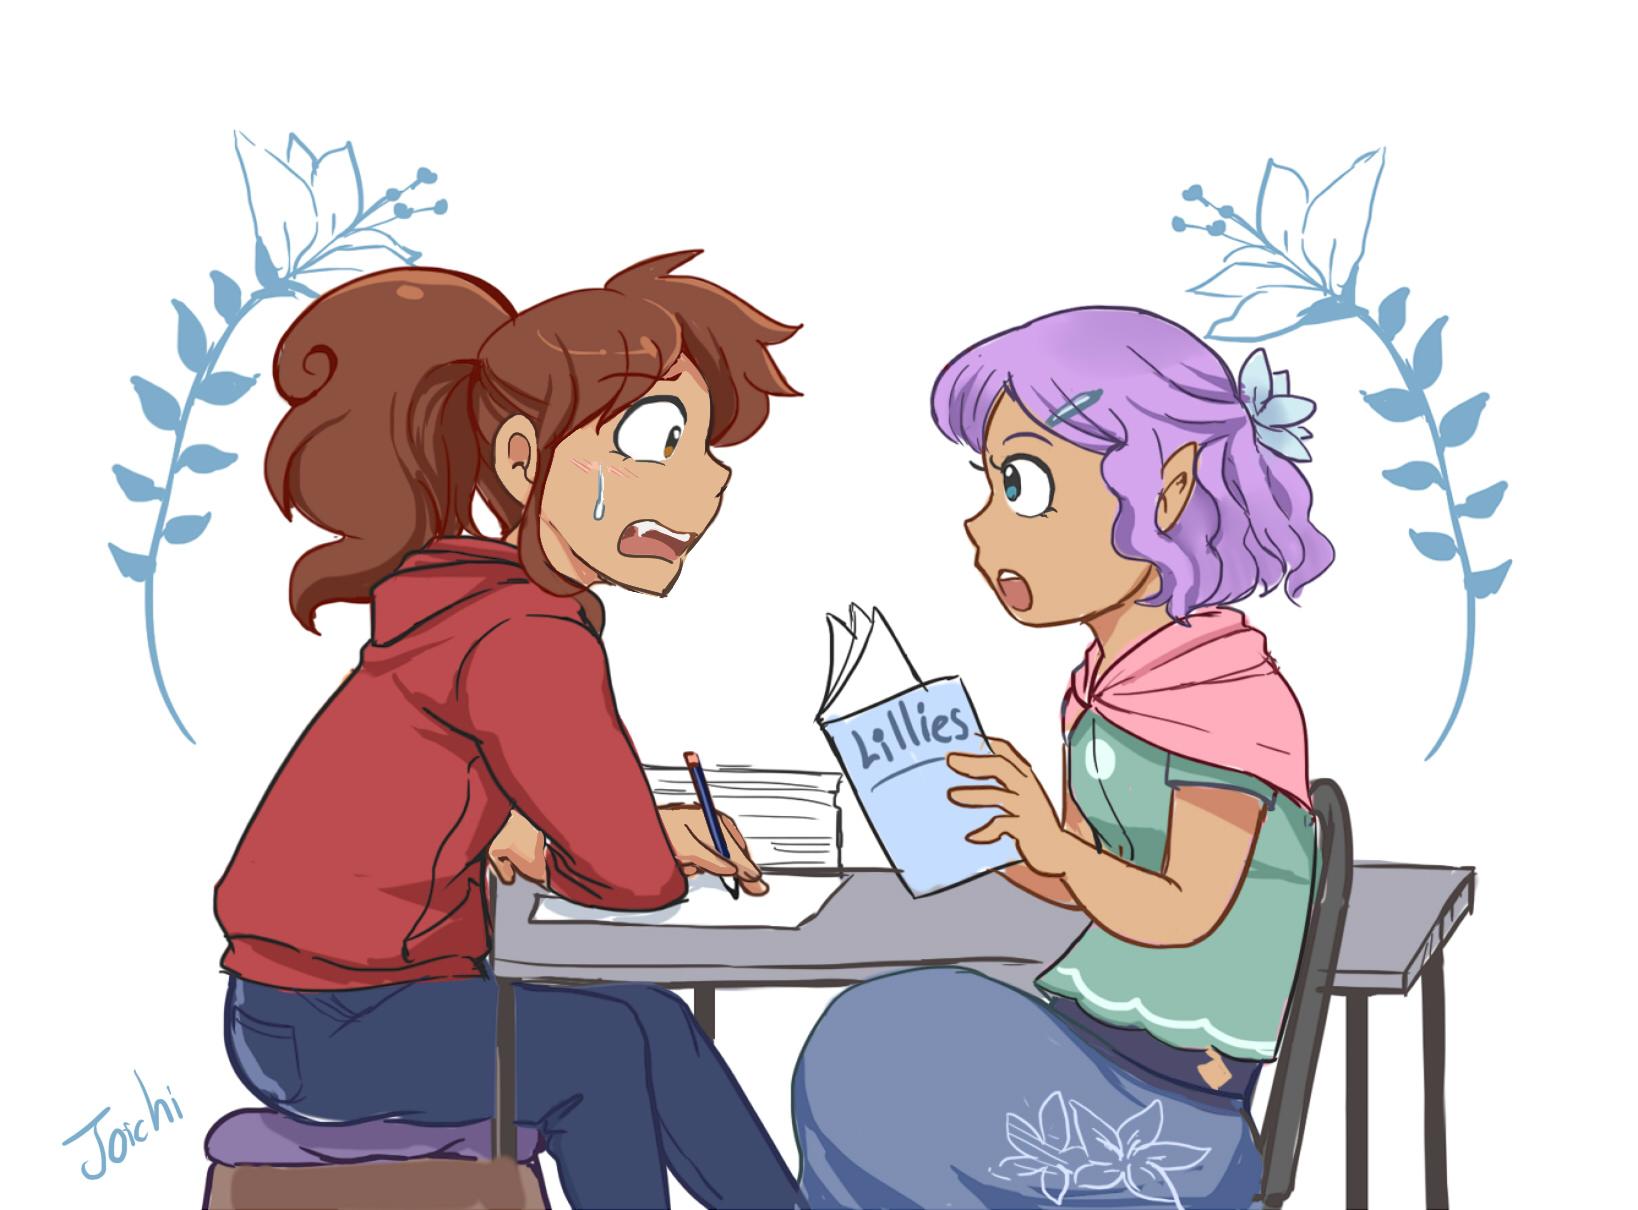 Magical Sisters - Kathy and Anya